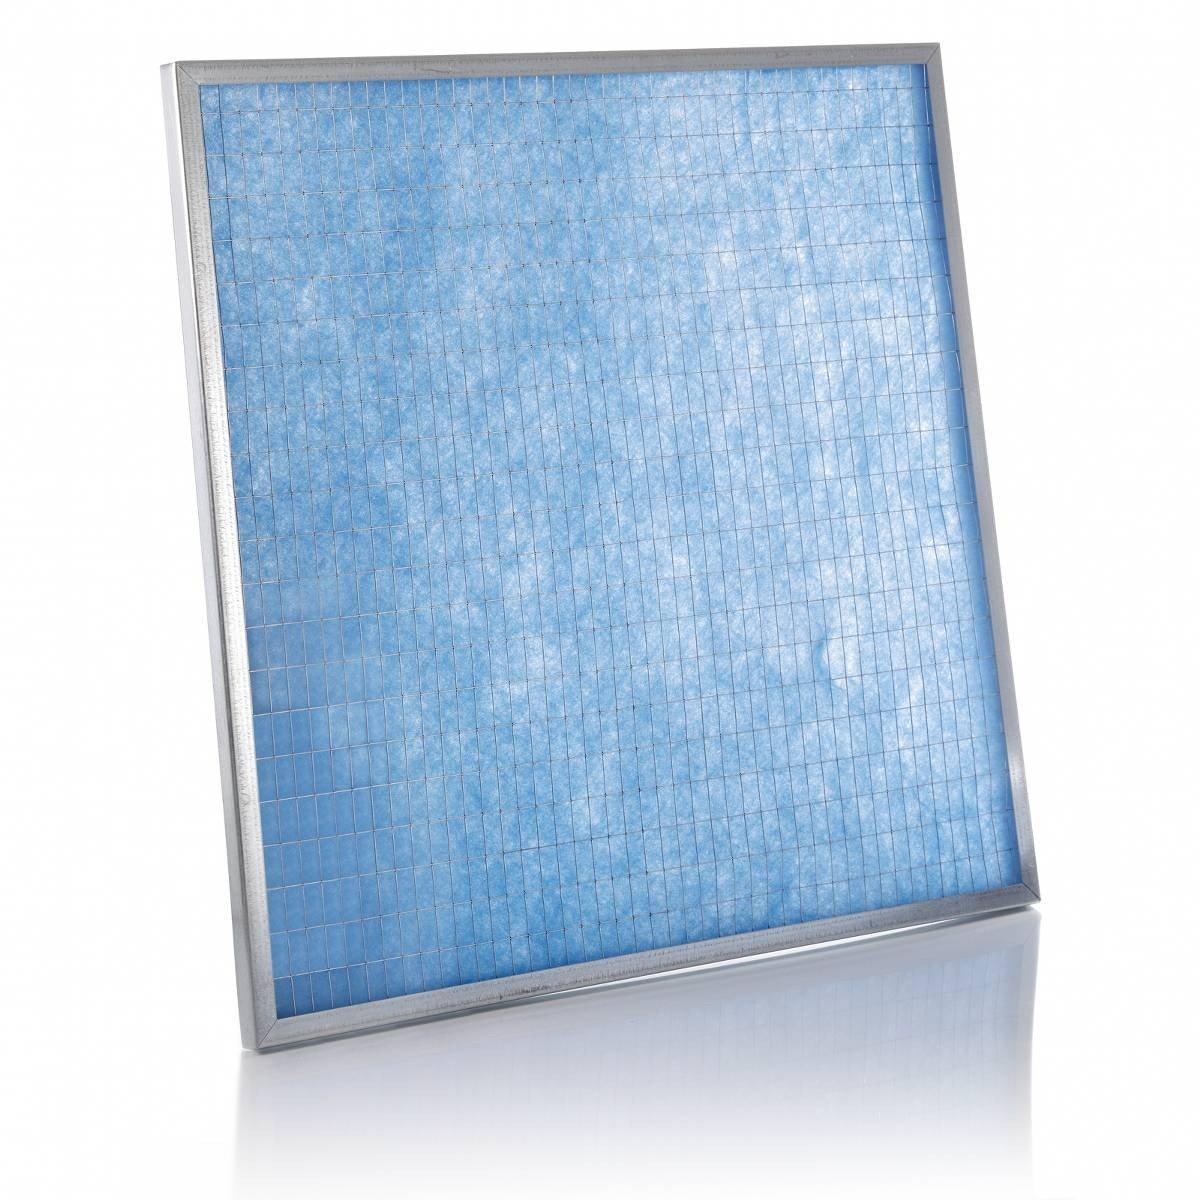 cambiofiltro Filtre plan sint. 400 x 400 x 22, multicolore